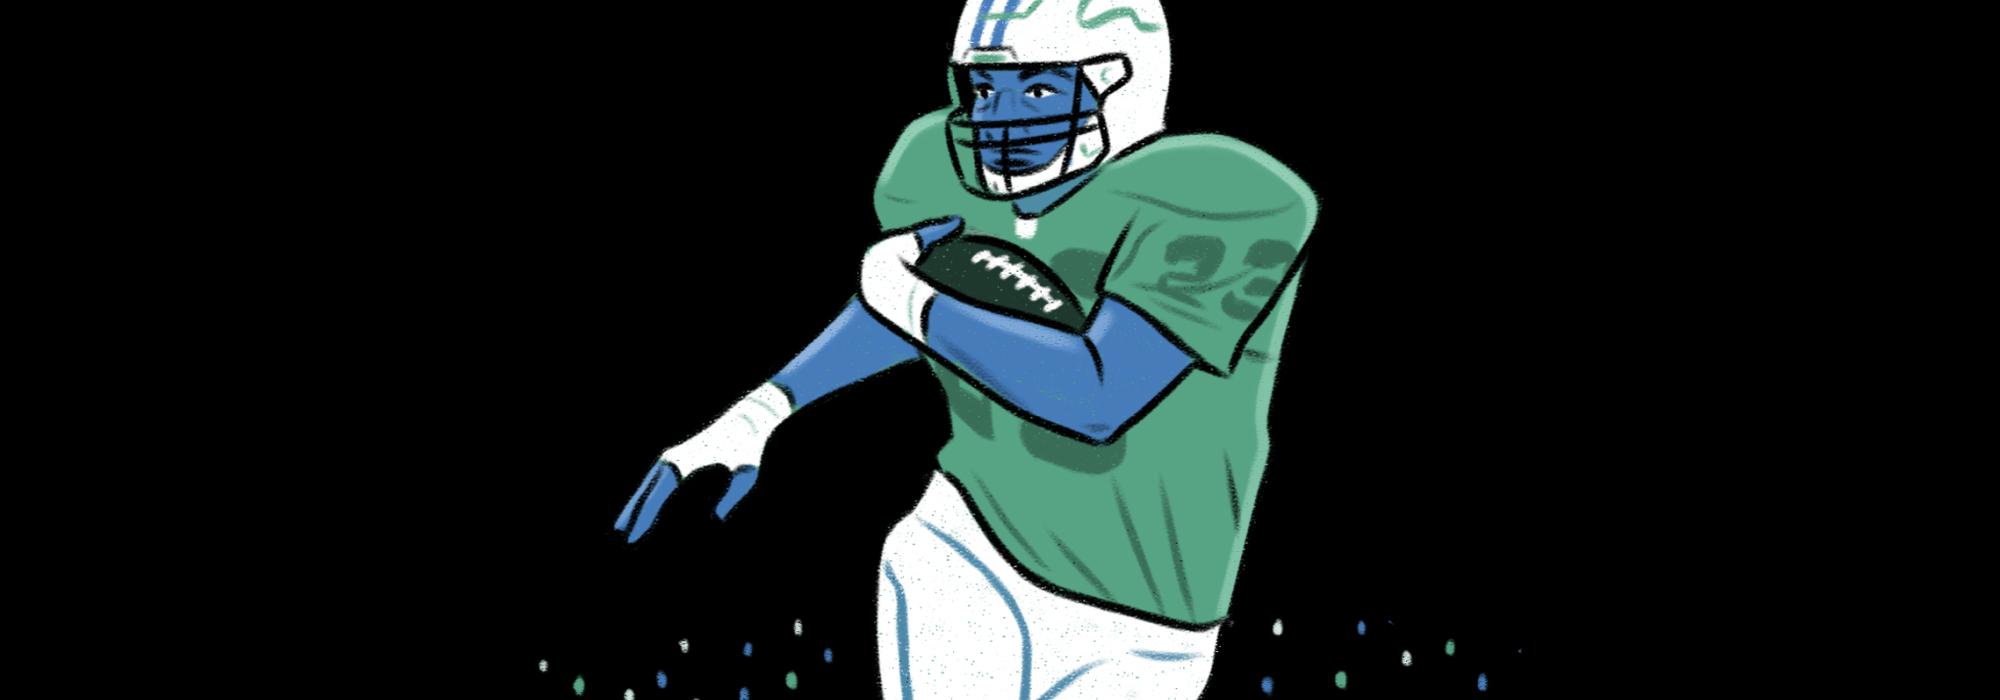 A Gardner-Webb Runnin' Bulldogs Football live event